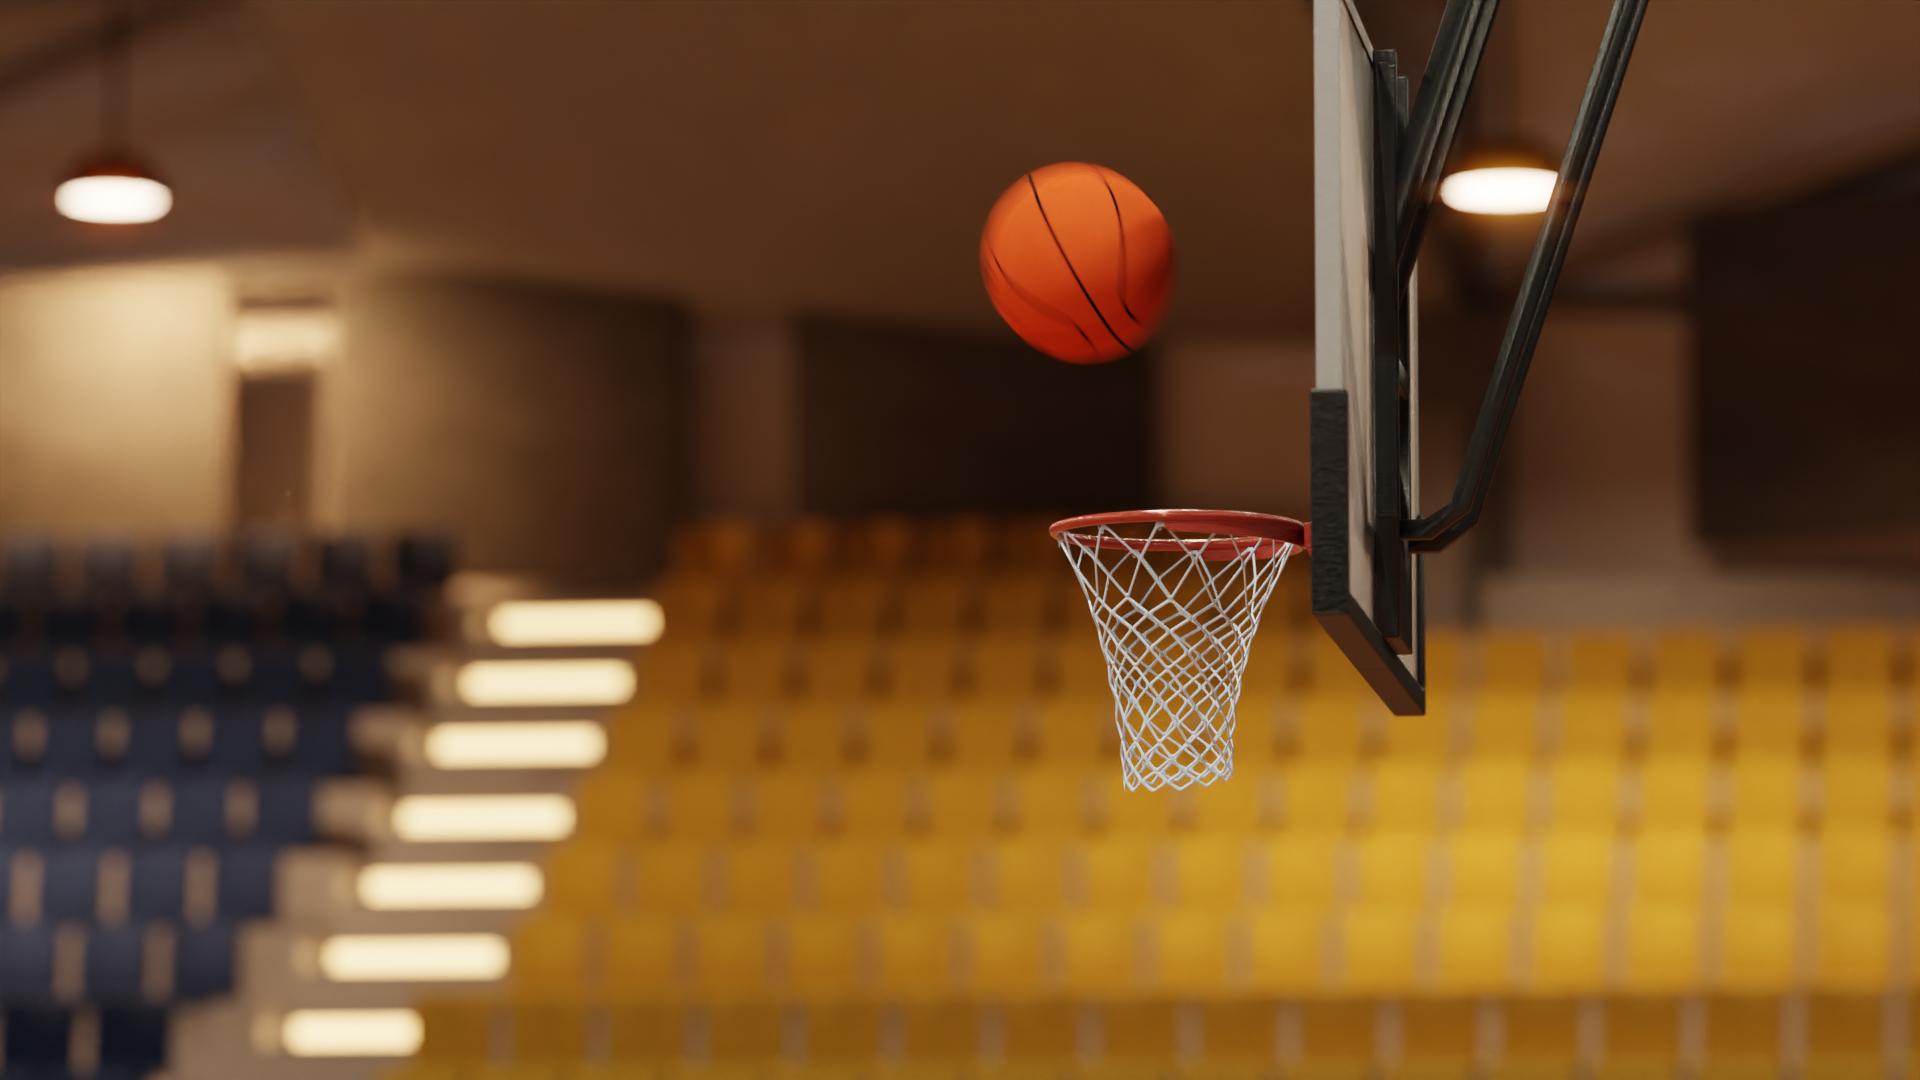 劲爆体育,篮球,篮筐,赛场,体育馆